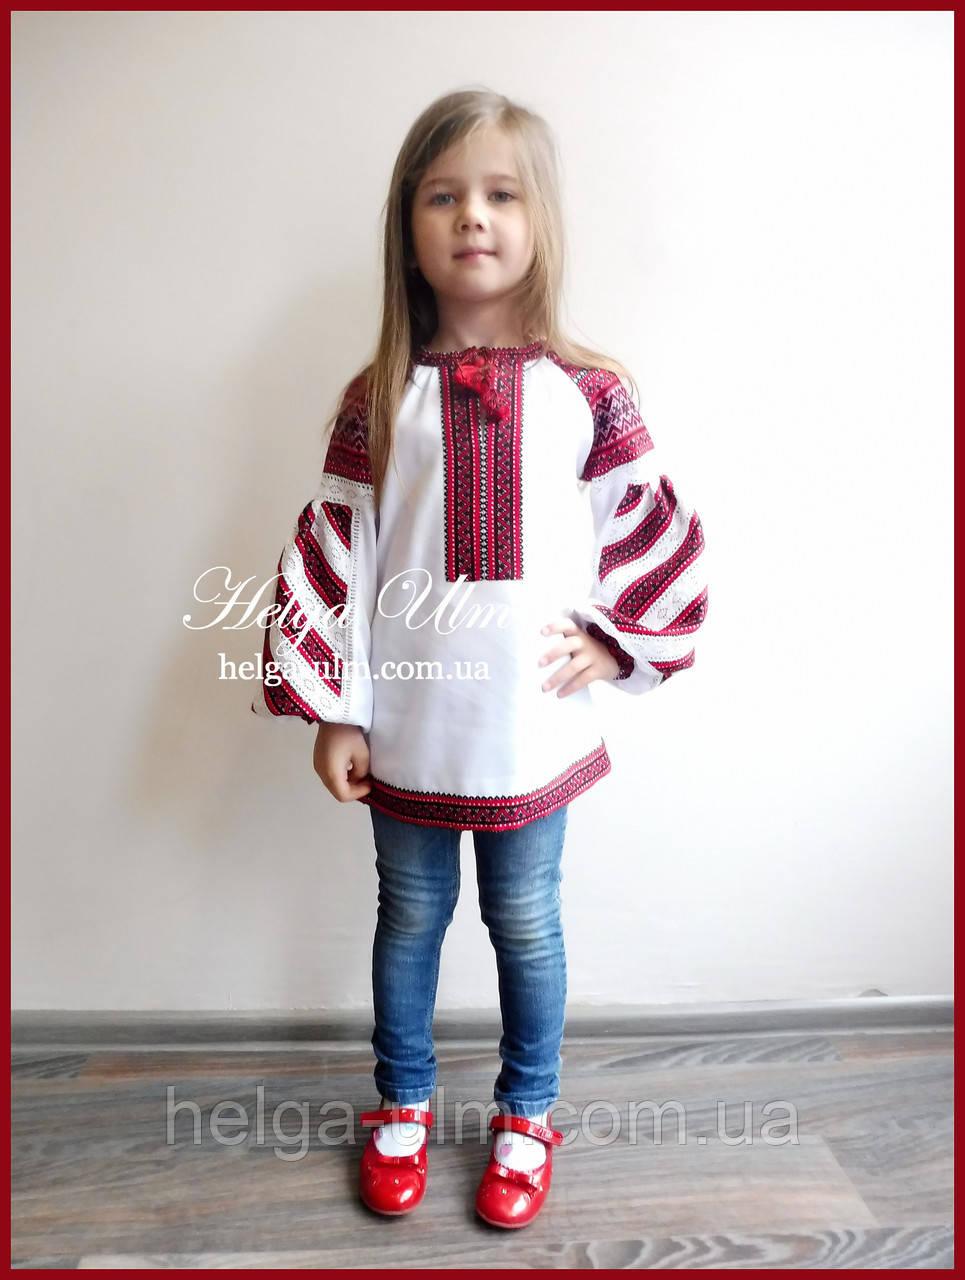 Дитяча туніка вишита, блуза з бавовняним мереживом на замовлення - 104 р.